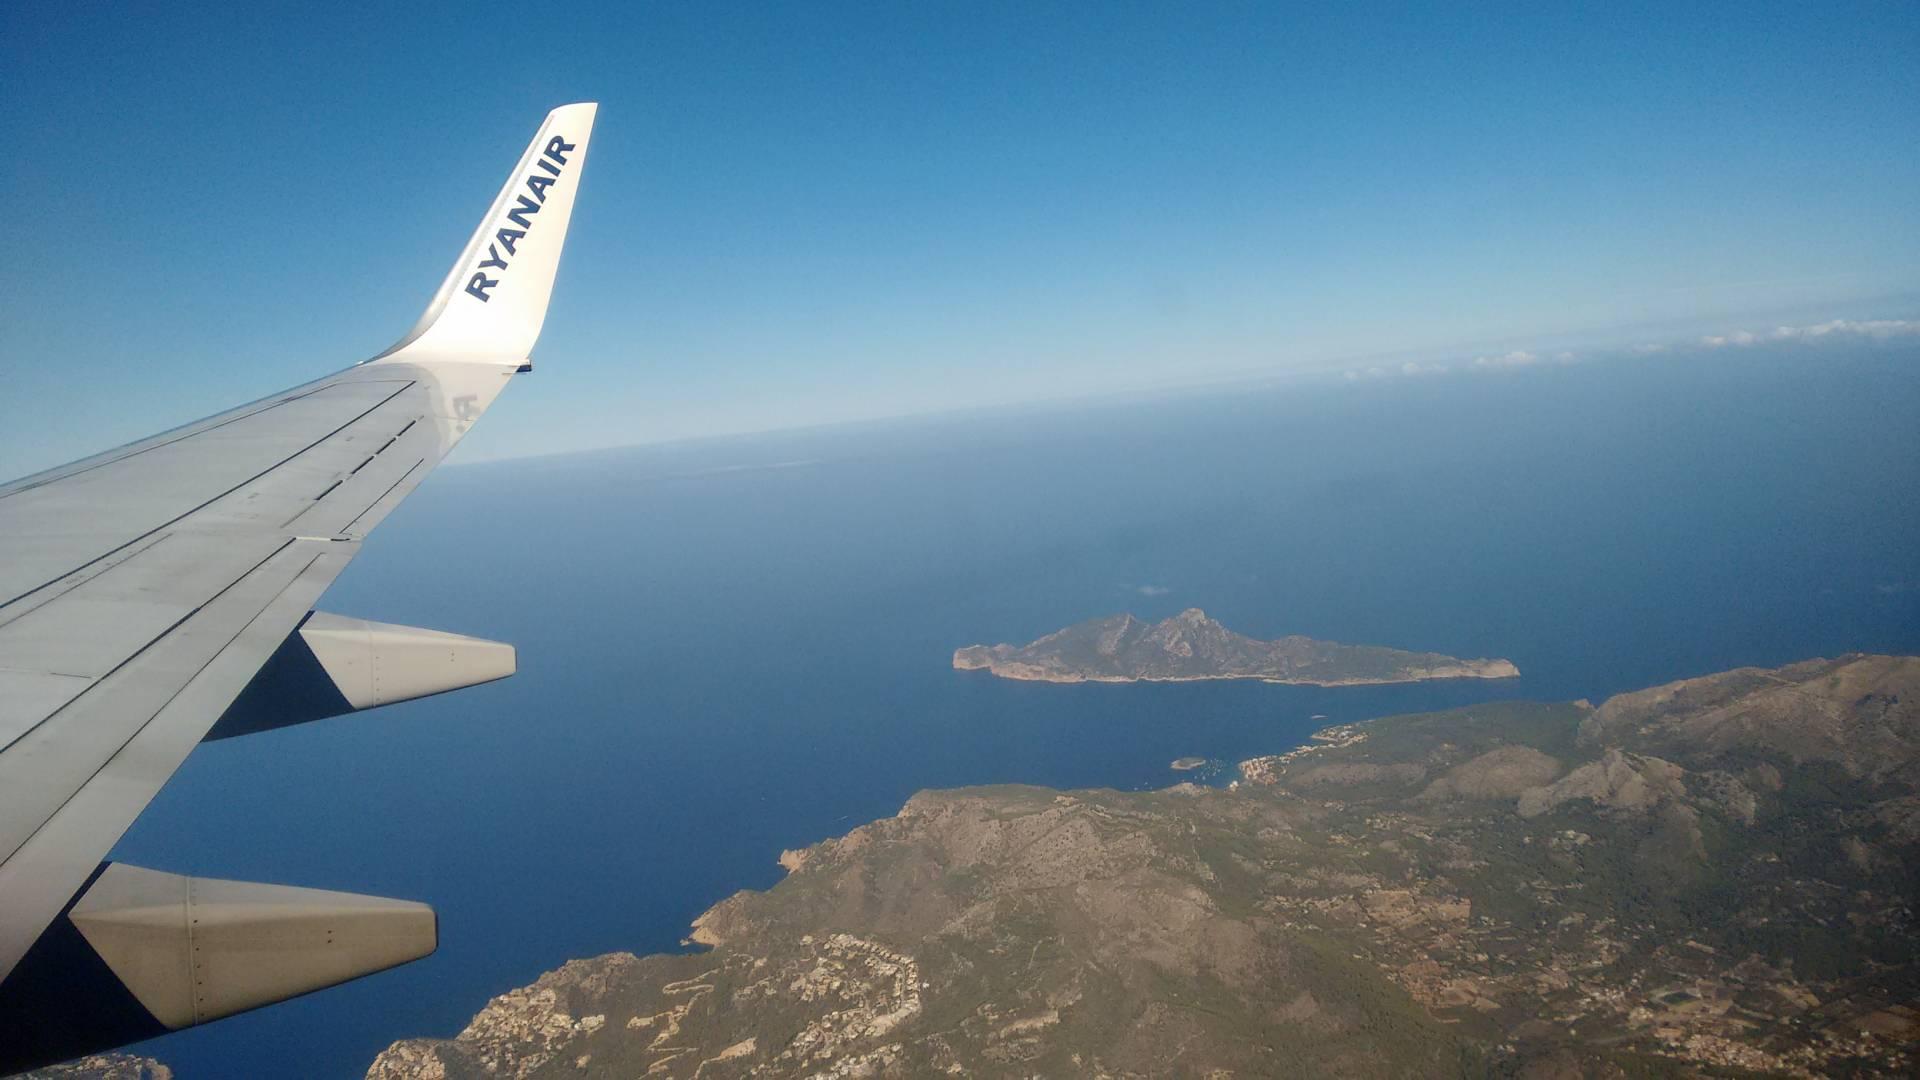 Las aerolíneas suben los billetes tras el alza de las ayudas públicas a vuelos a Canarias y Baleares